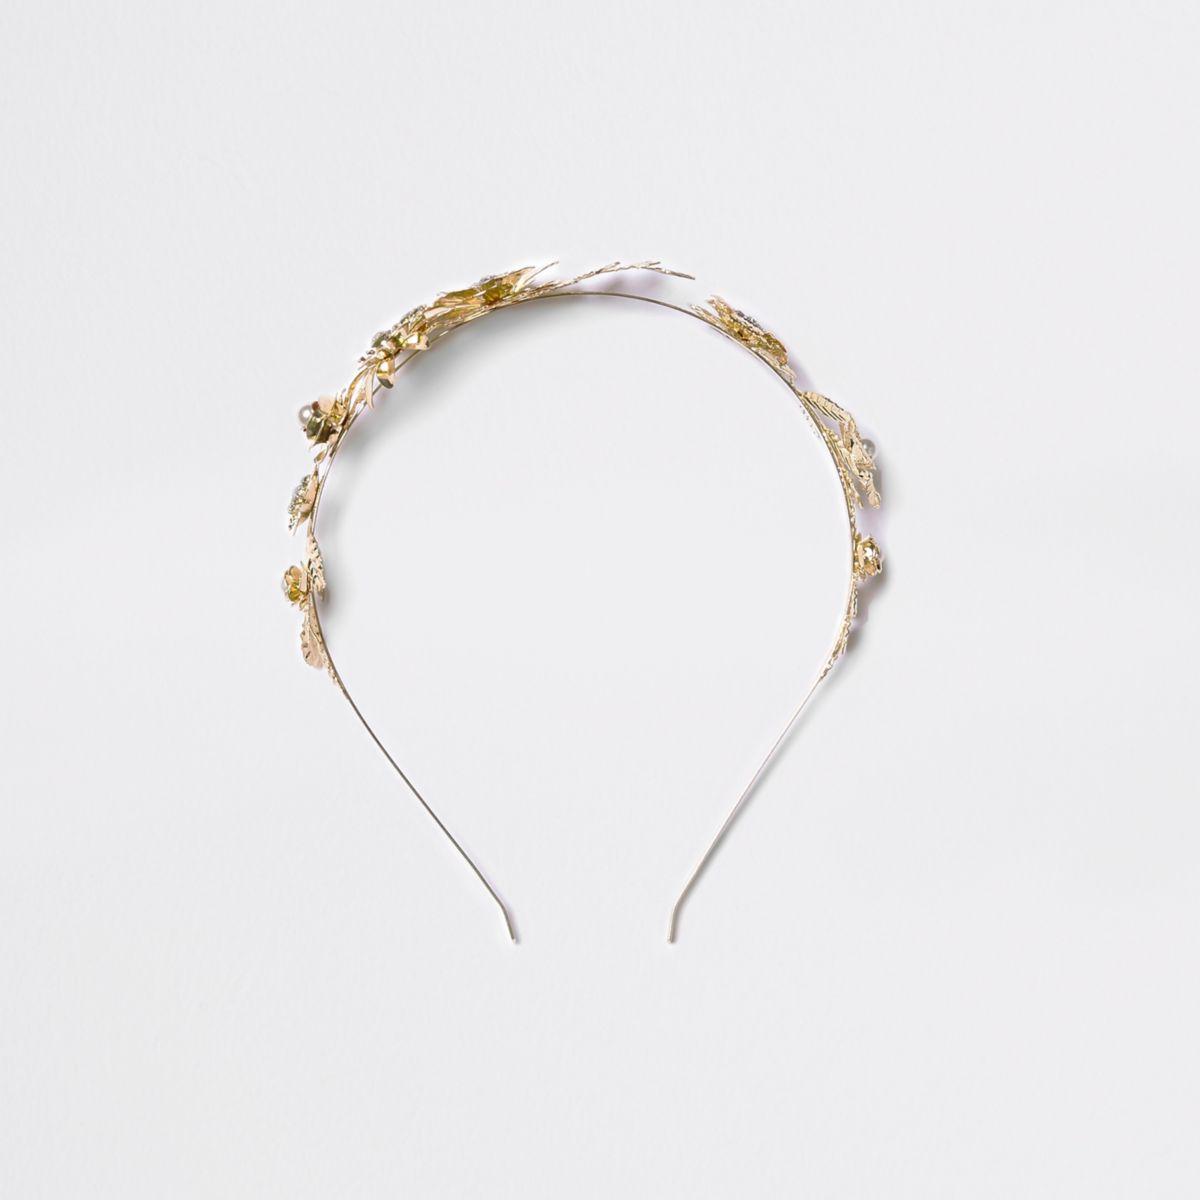 Gold tone diamante flower hair band